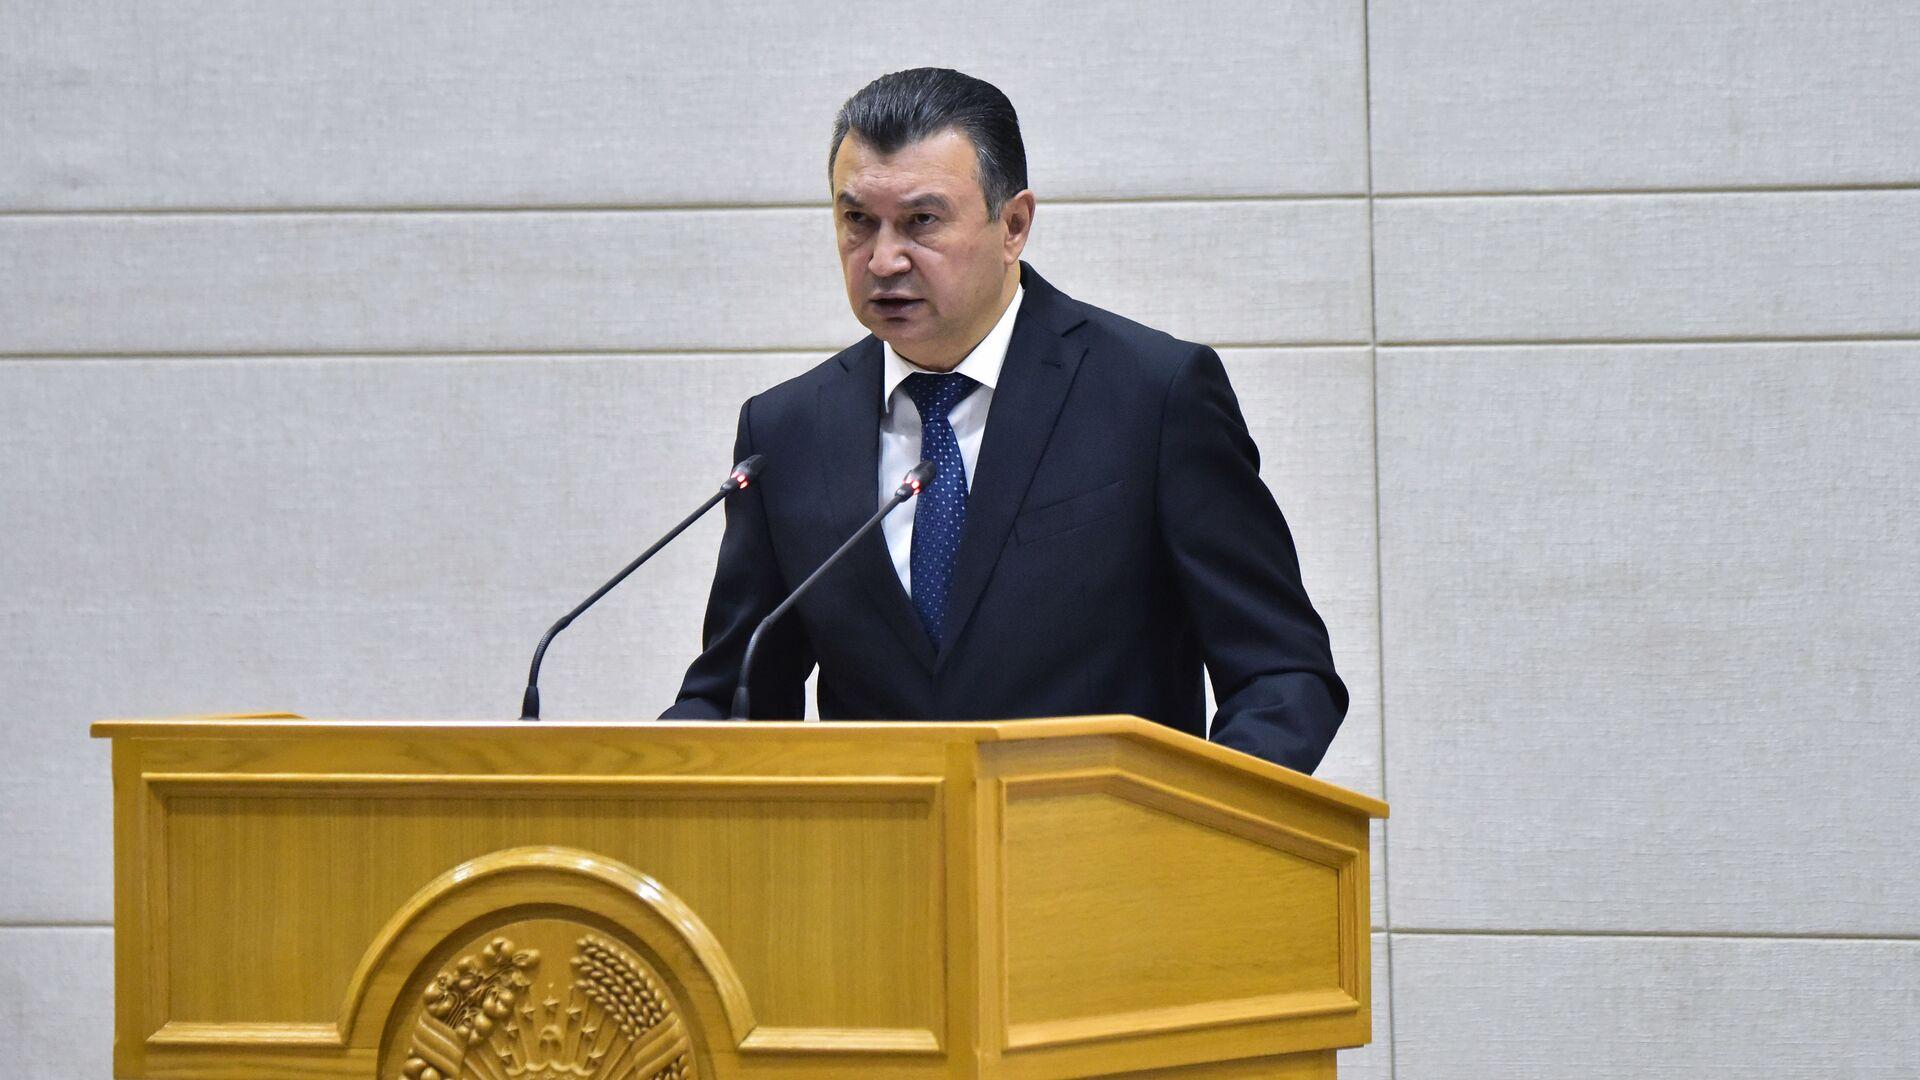 Премьер-министр Таджикистана Кохир Расулзода на заседании правительства 2021 - Sputnik Тоҷикистон, 1920, 29.07.2021